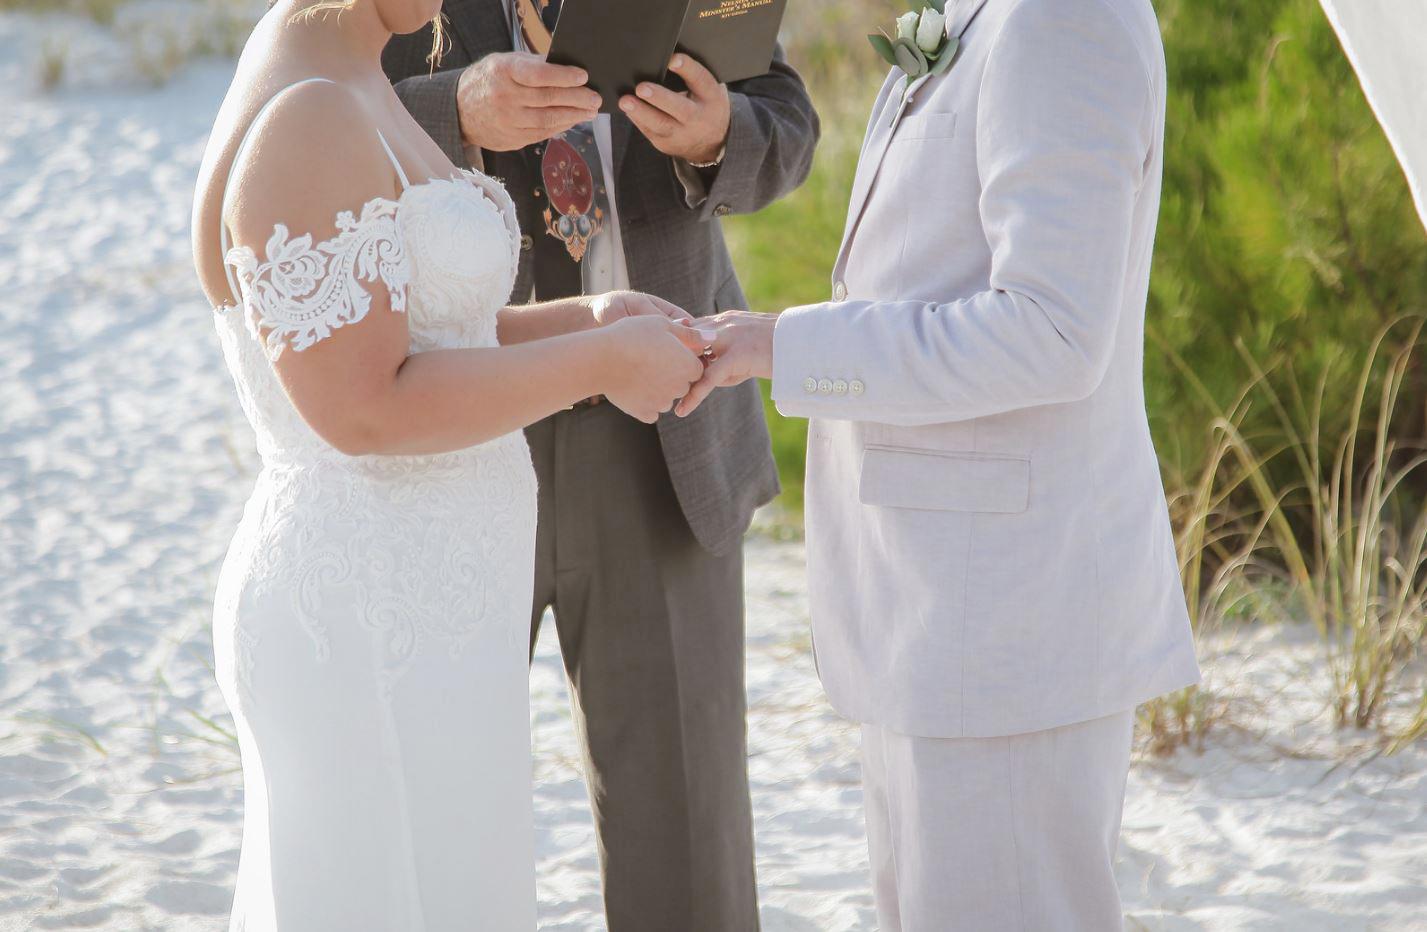 Jaime_wedding_photographer_022.JPG